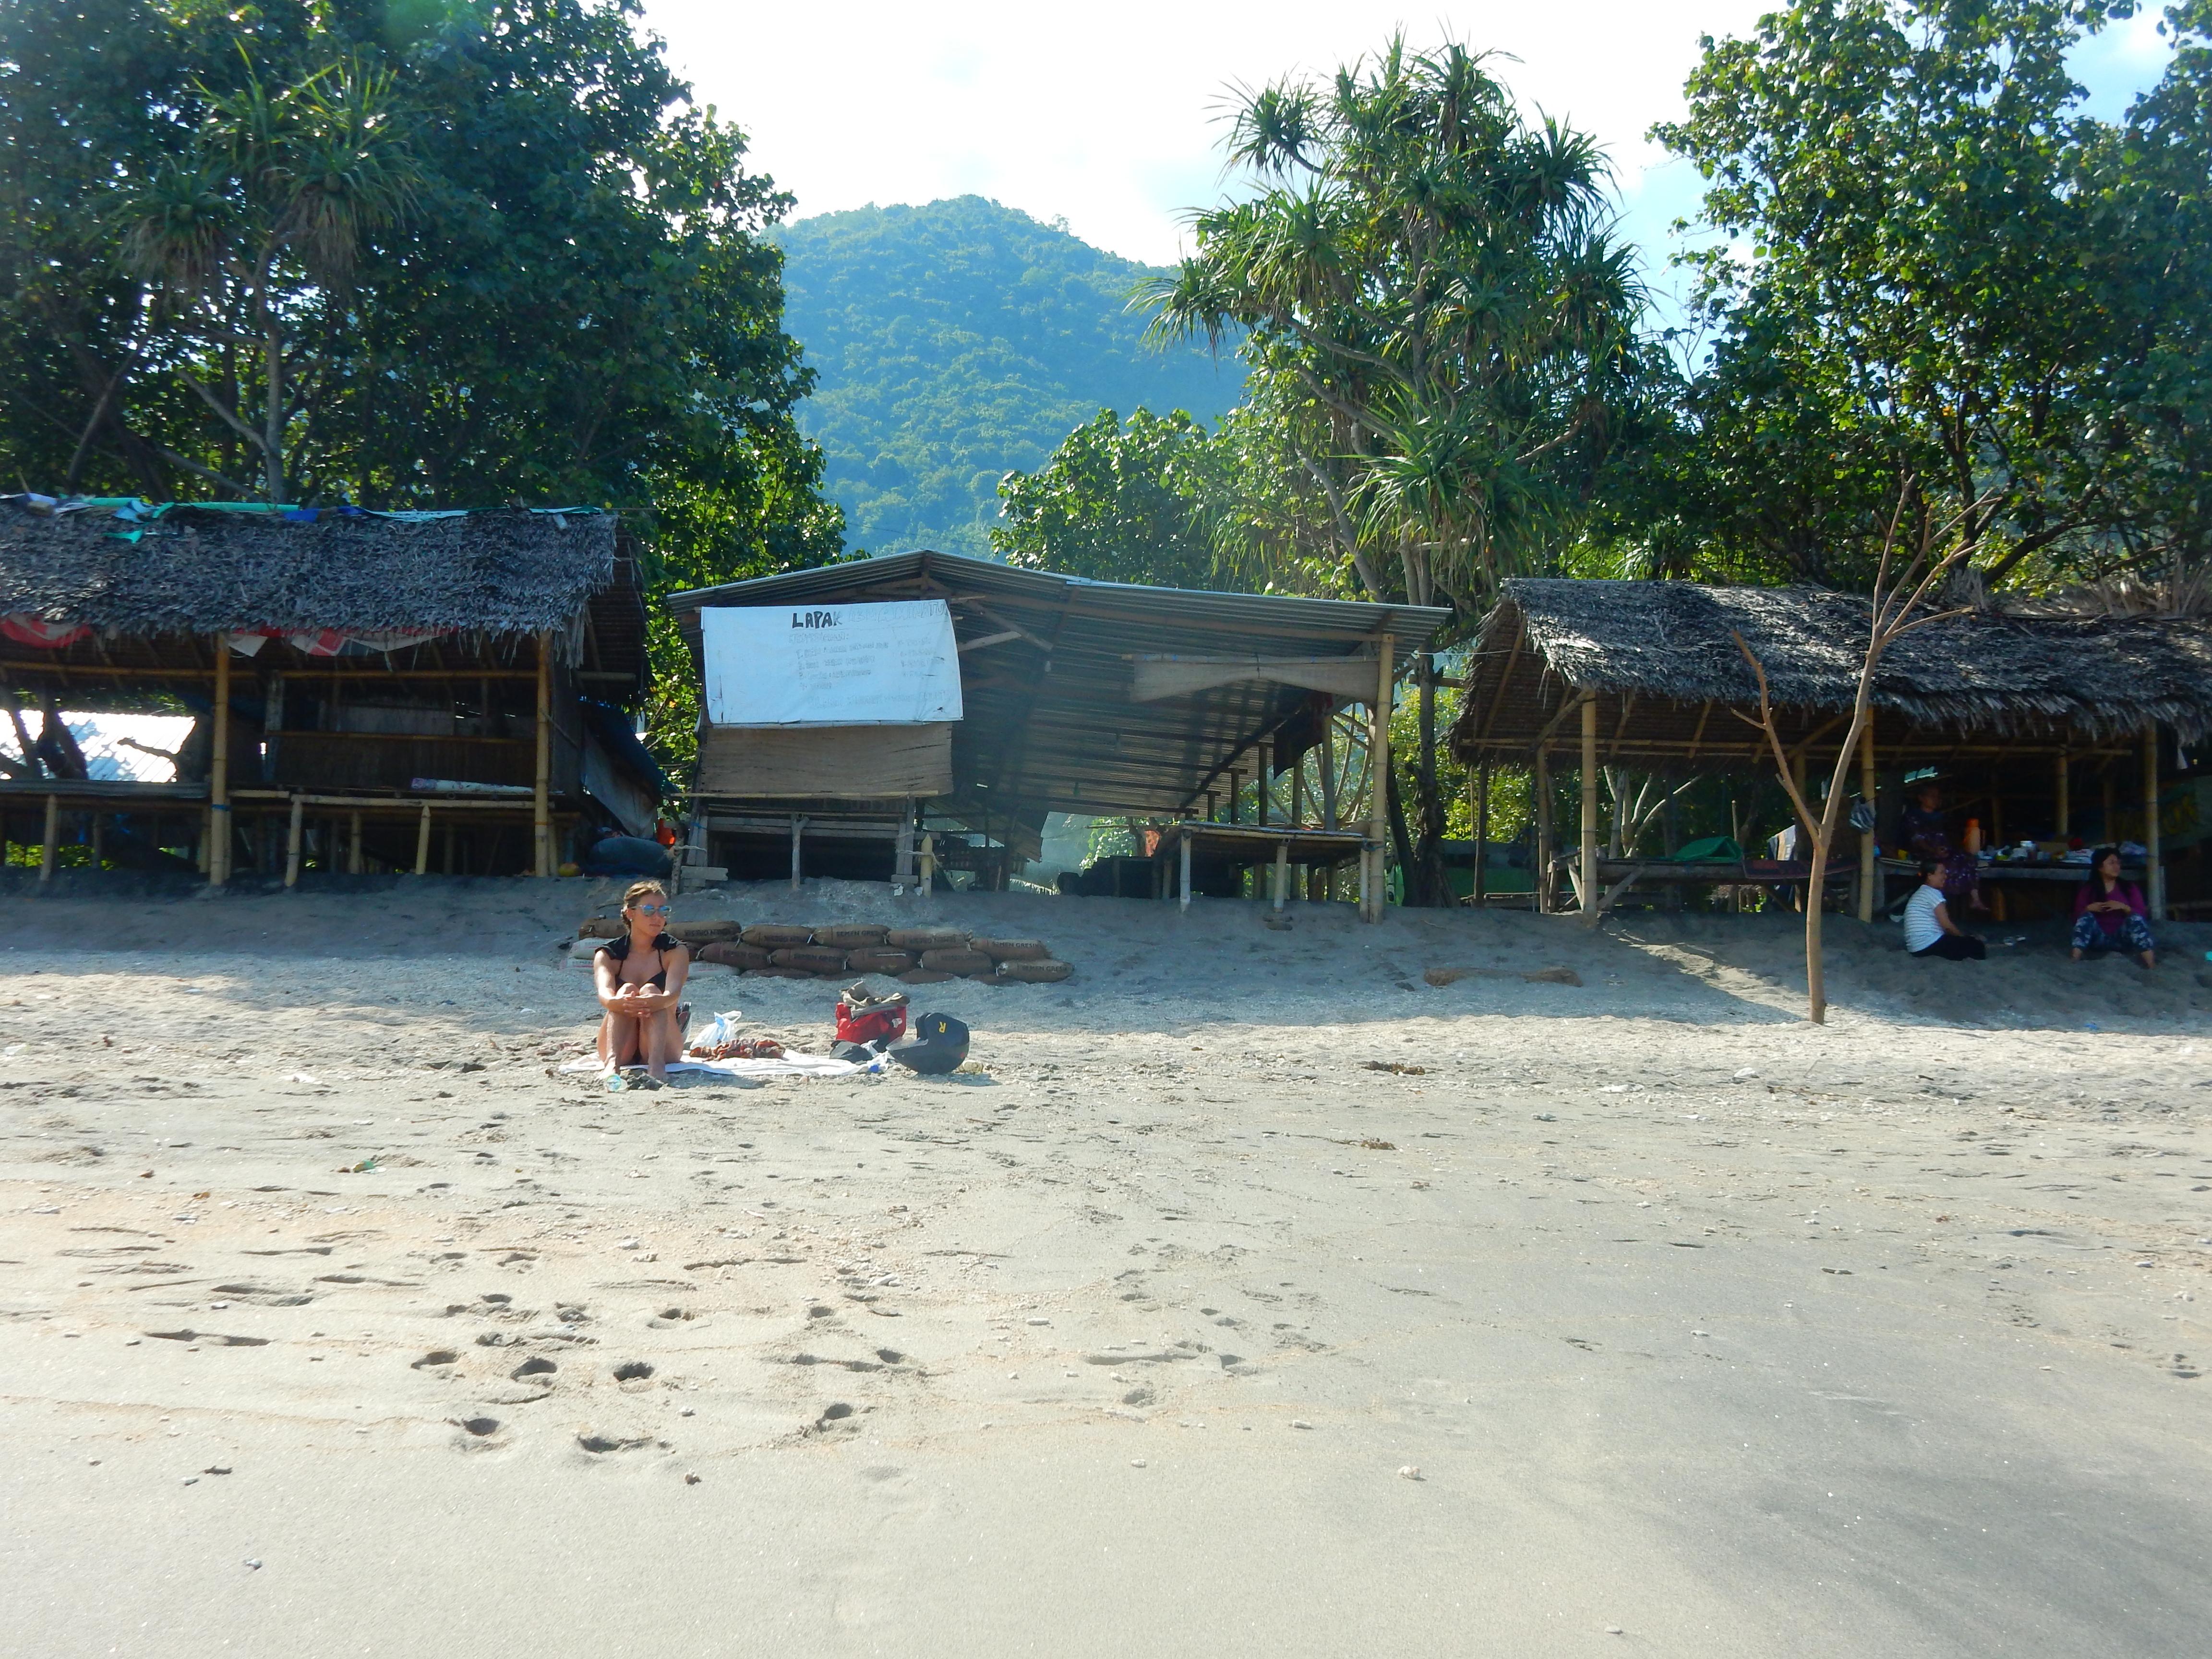 Plage de sable blanc Senggigi, Lombok, Indonésie